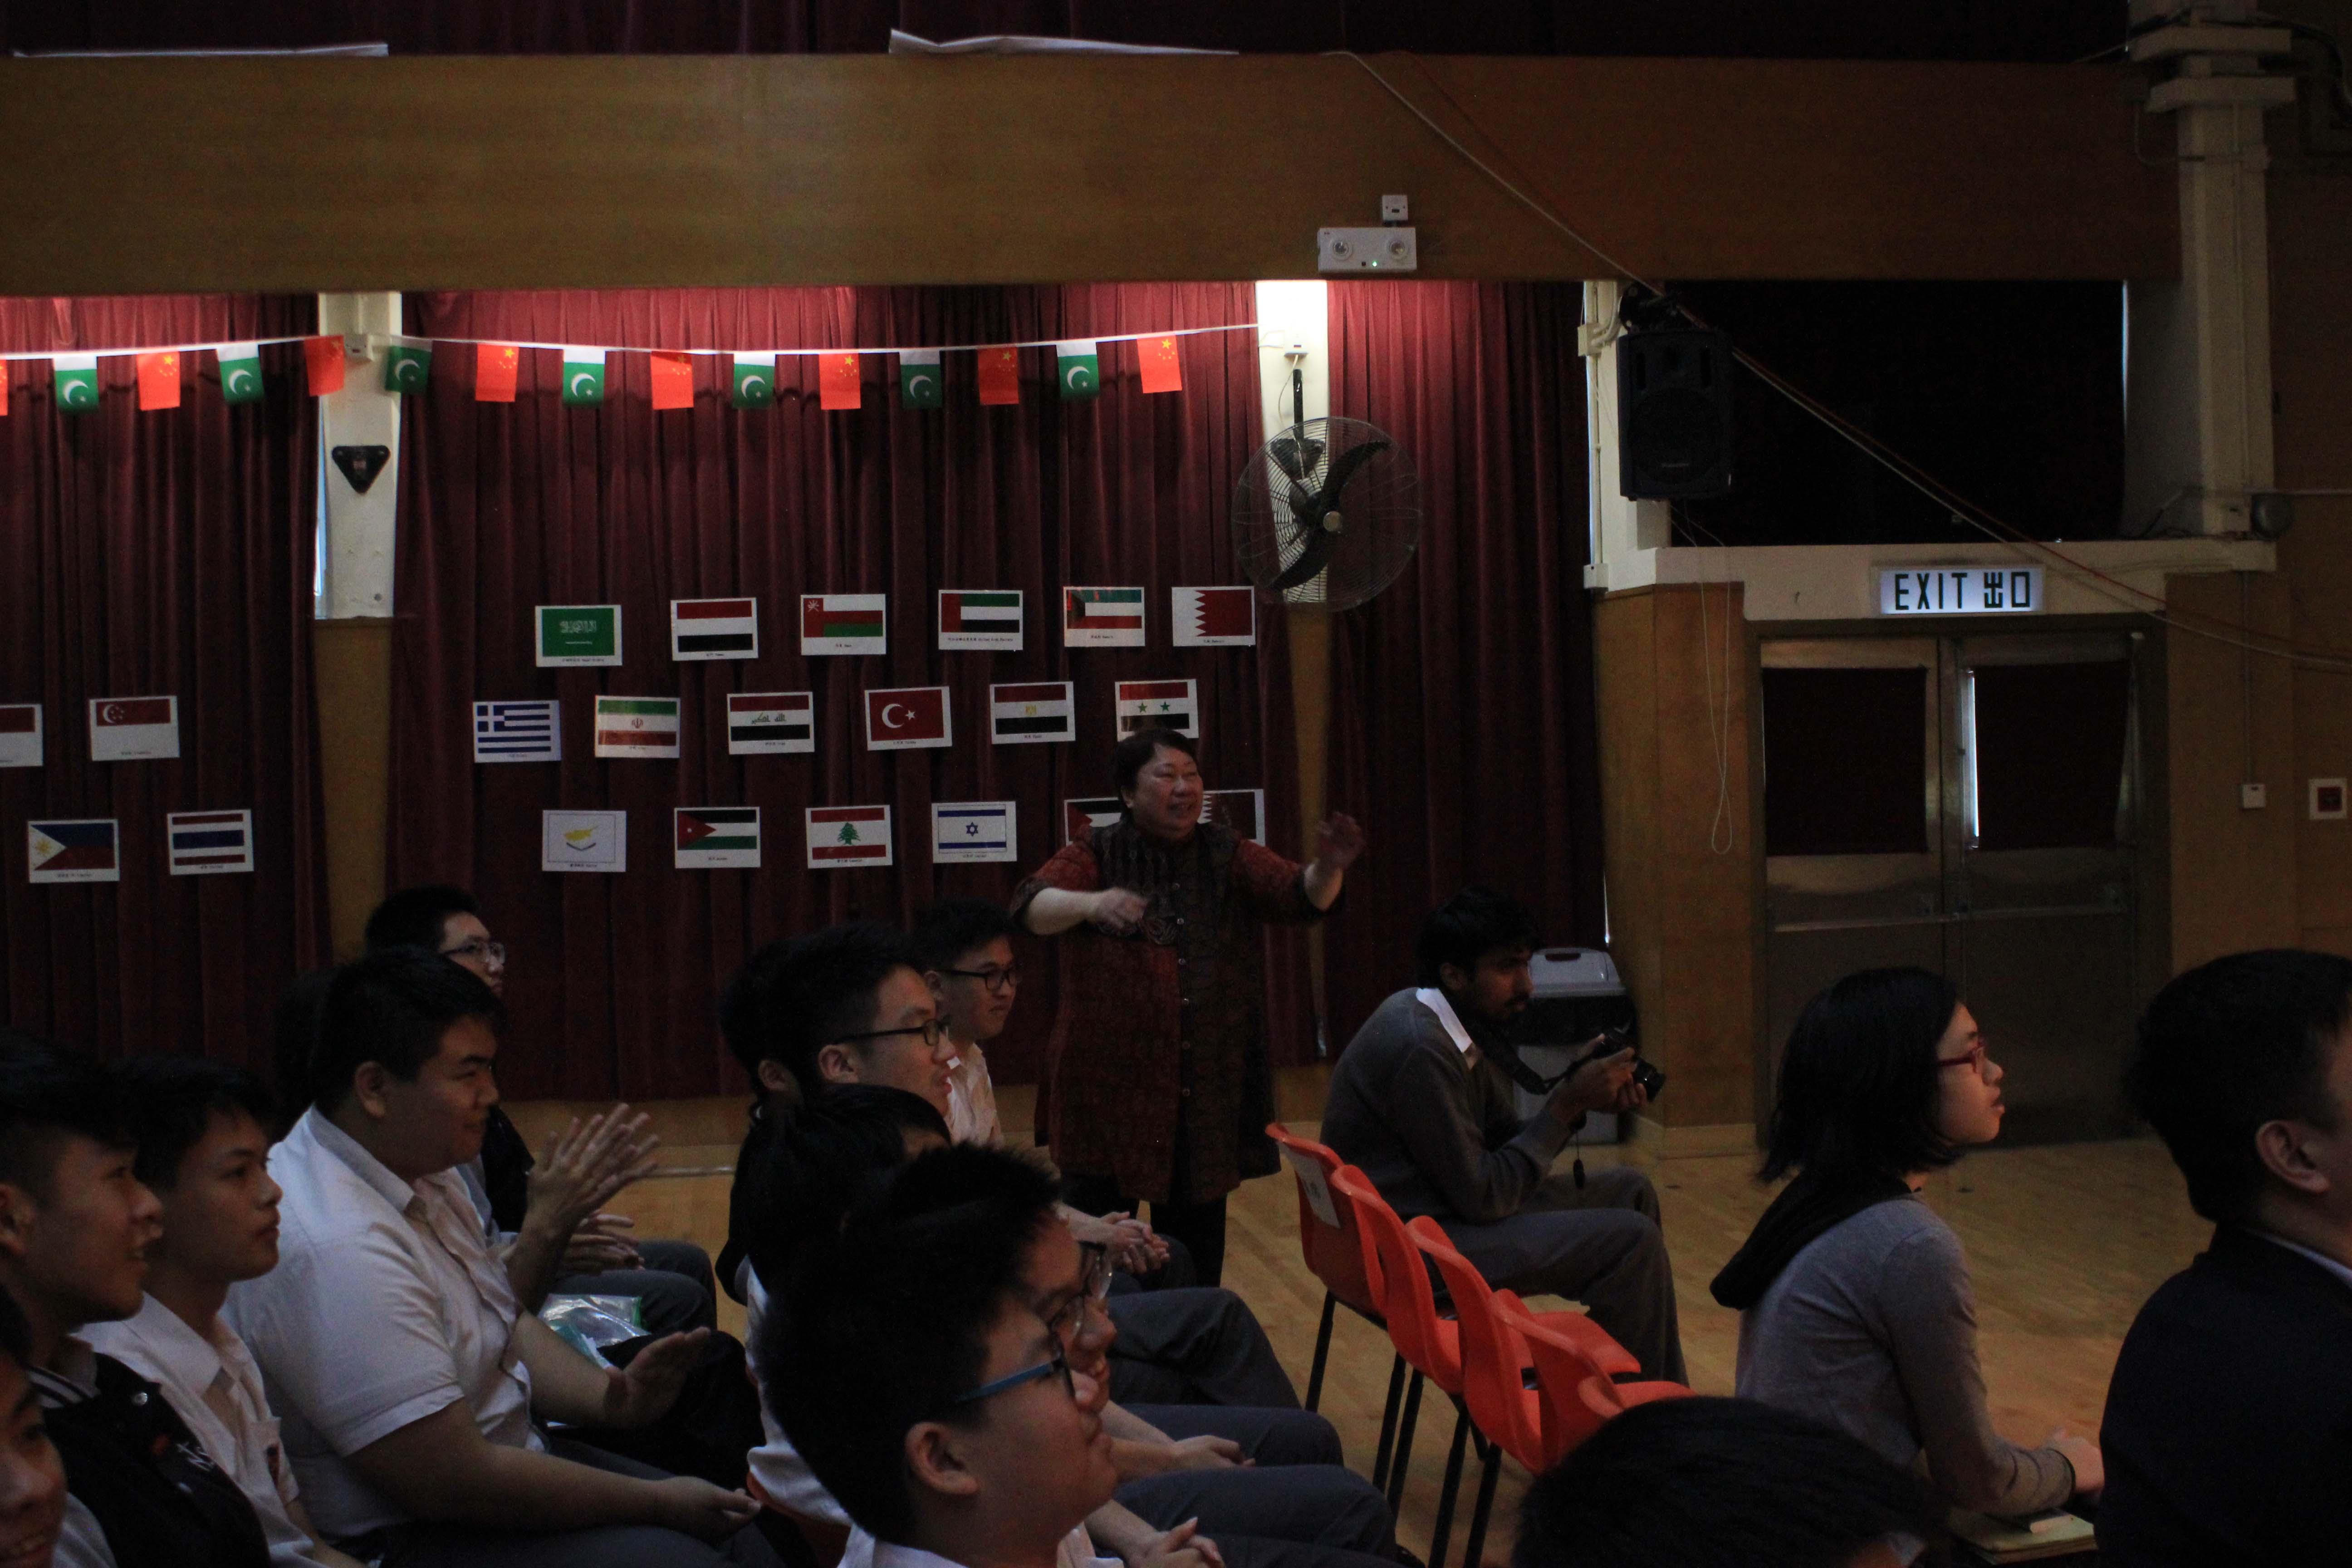 天主教慈幼會伍少梅中學的「中巴經濟走廊」高峰會活動相片8